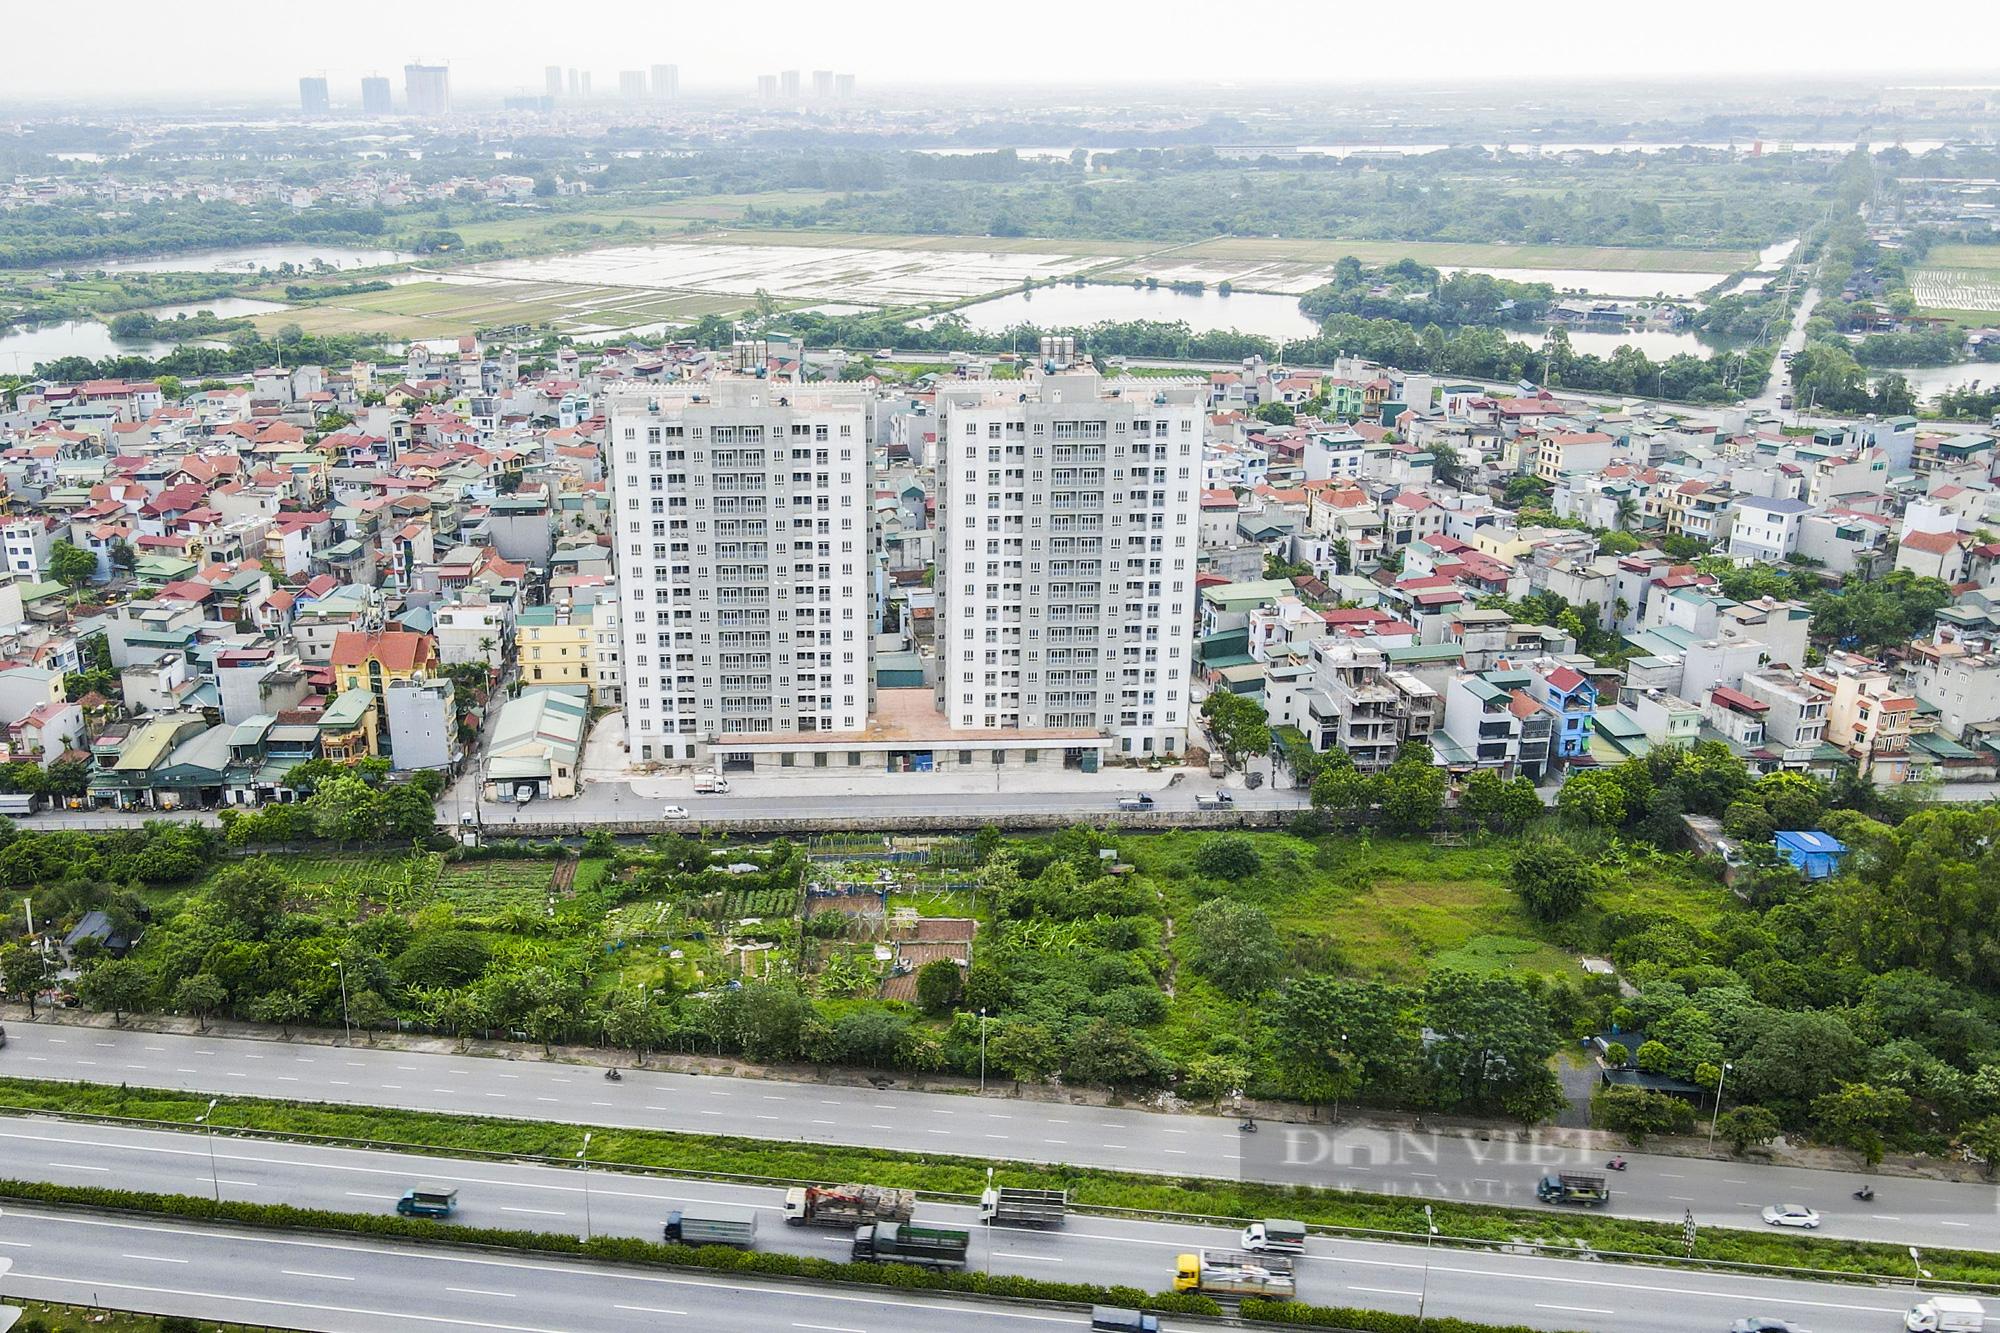 Điểm qua các khu nhà tái định cư được trưng dụng là bệnh viện dã chiến tại Hà Nội - Ảnh 12.